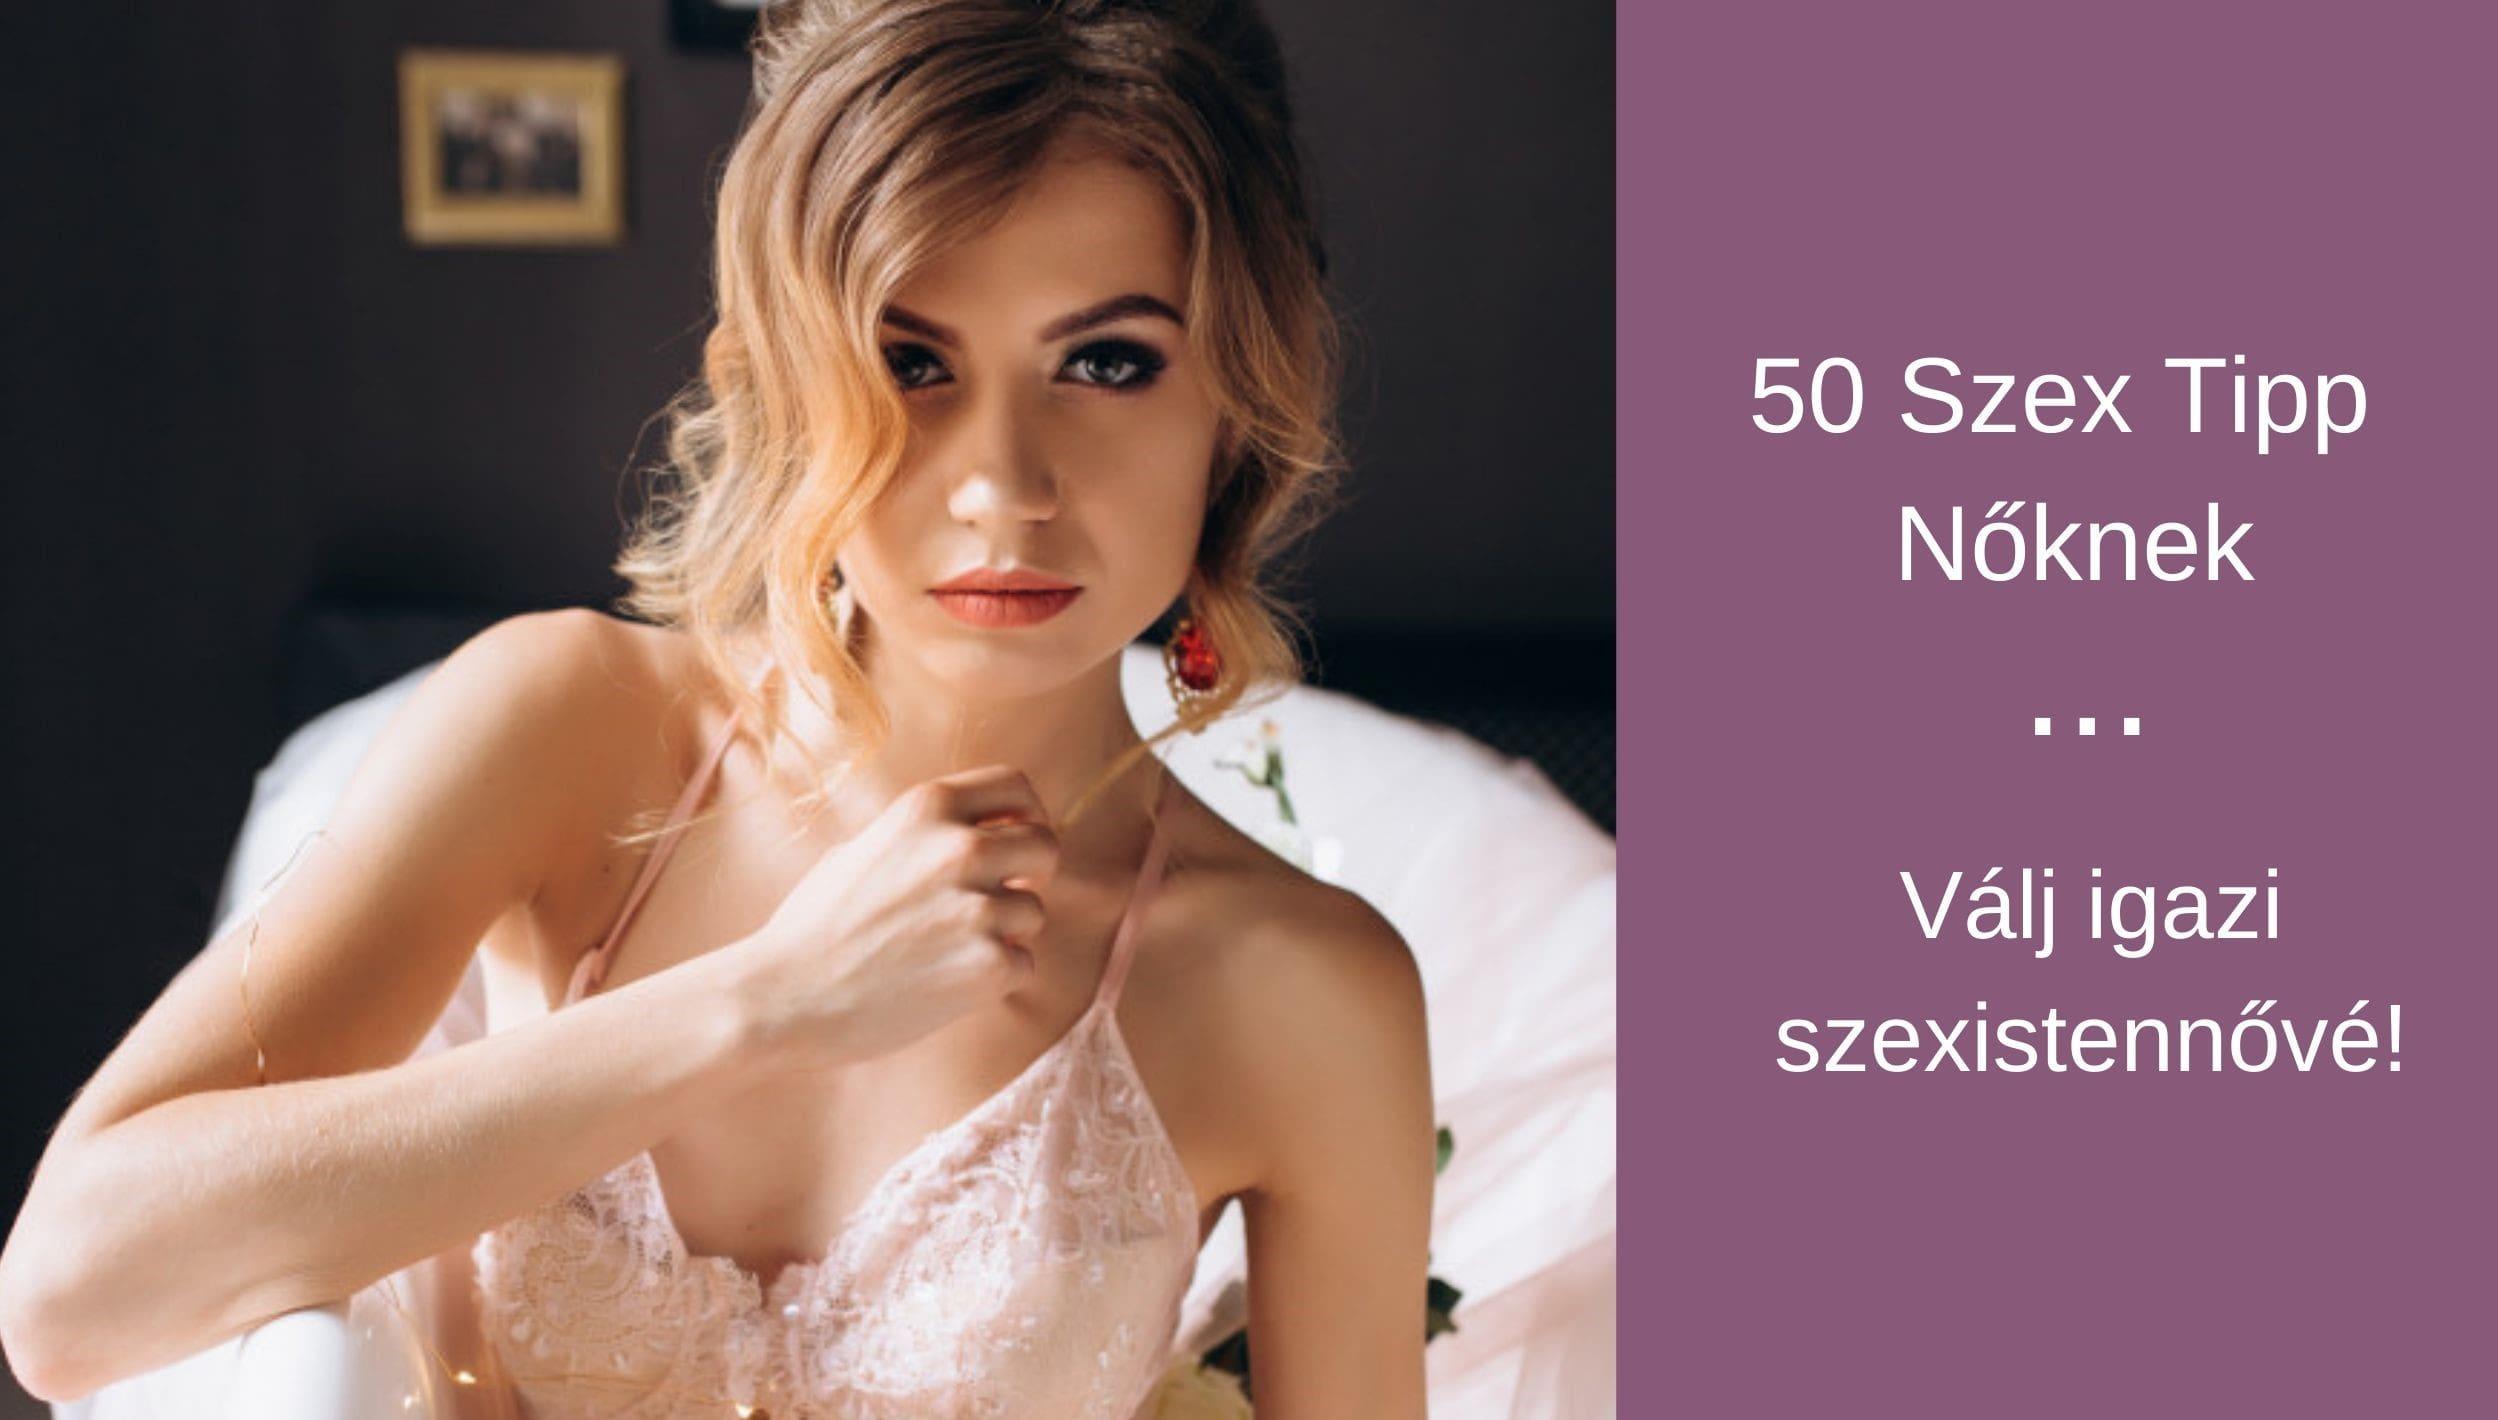 50 szex tipp nőknek